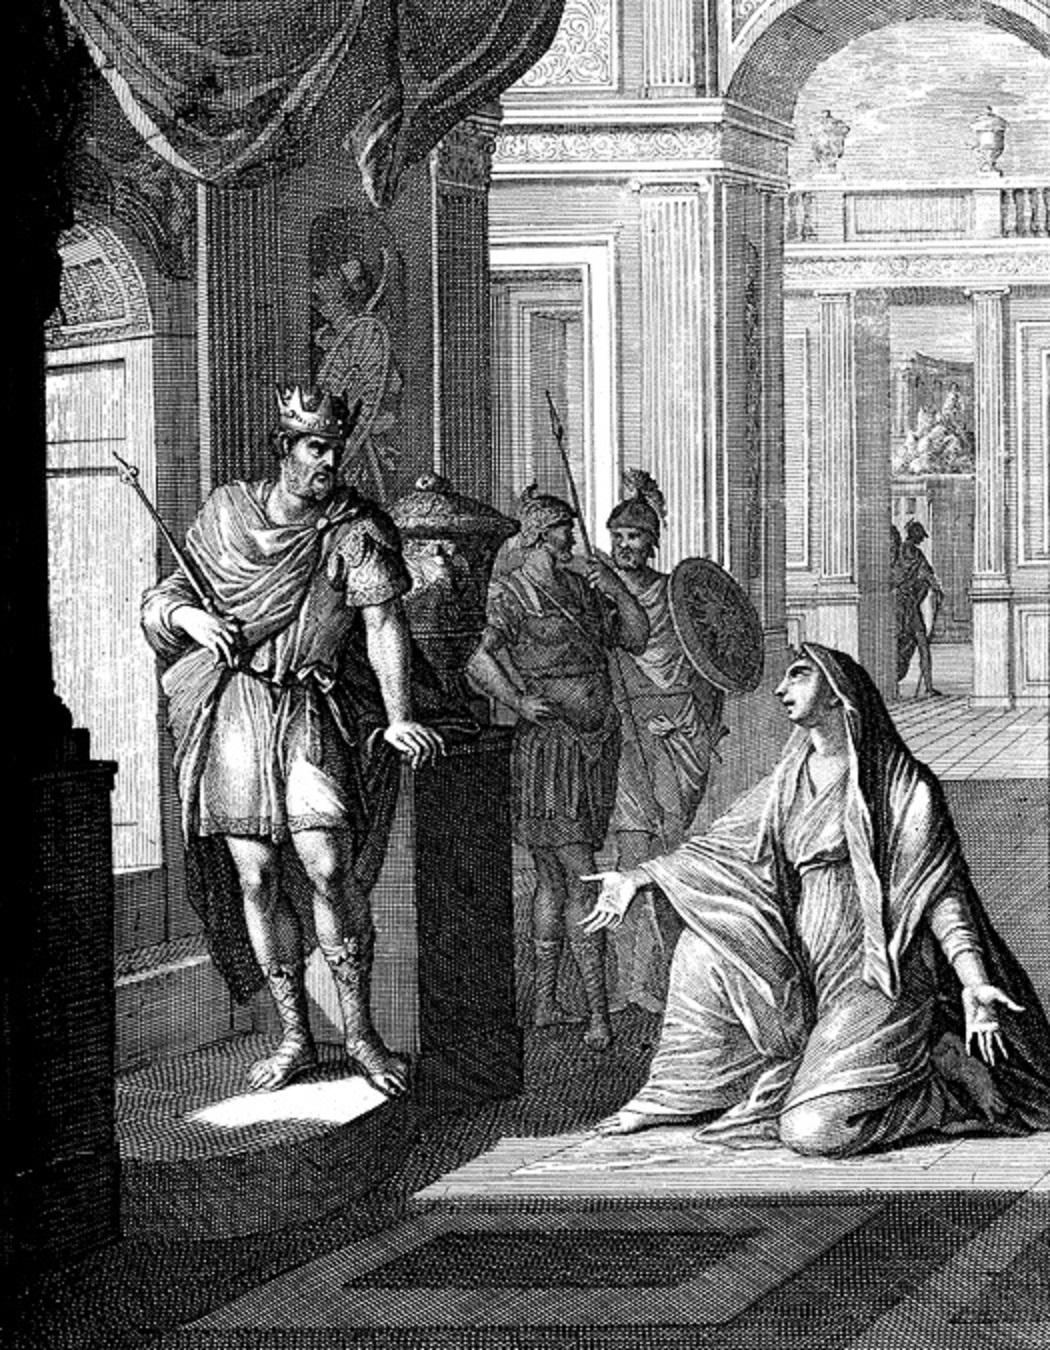 上图:17世纪荷兰Caspar Luiken的版画:大卫与提哥亚妇人。